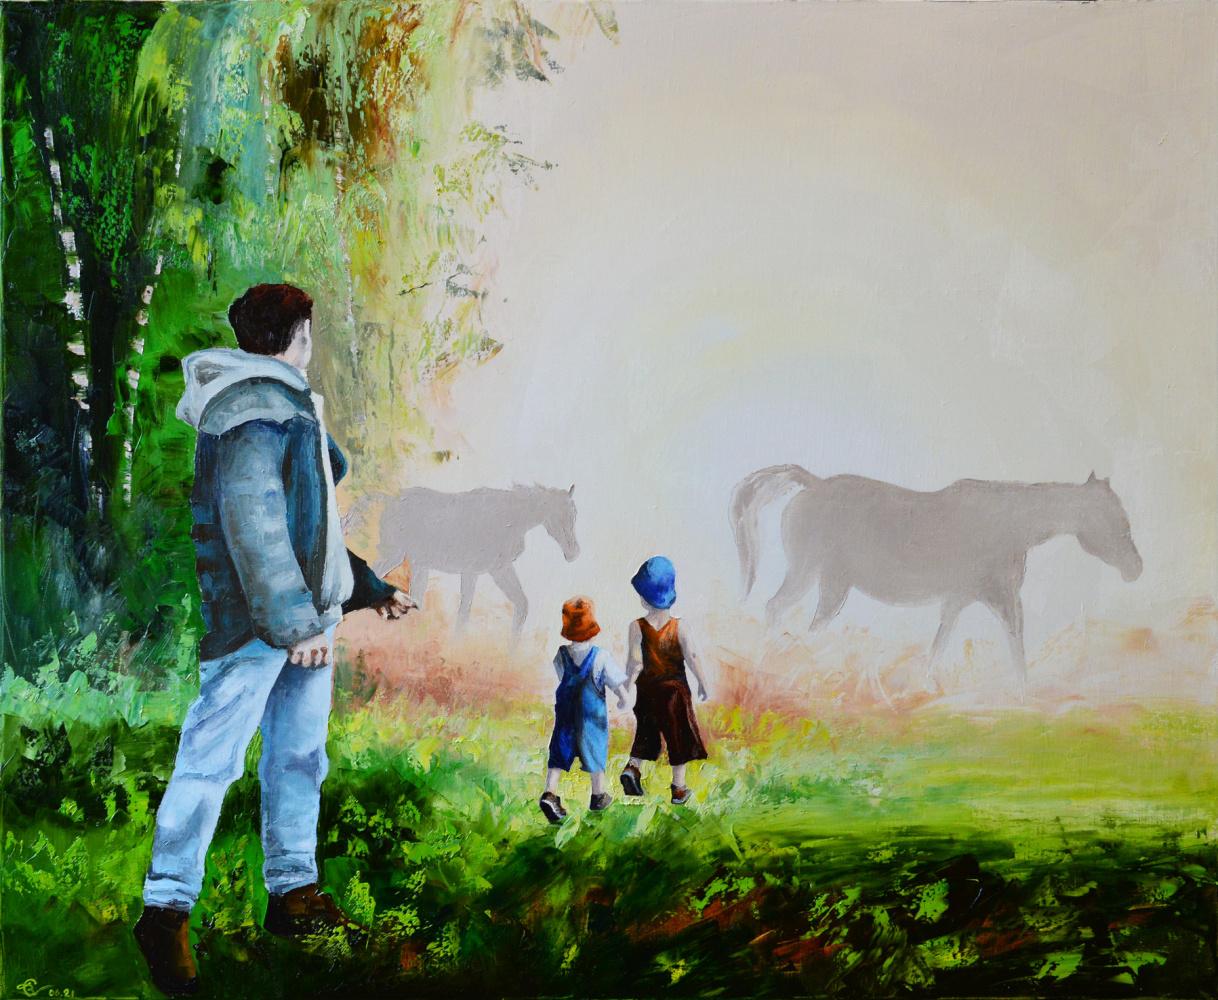 Vadim Anatolyevich Stolyarov. The world of a passing childhood